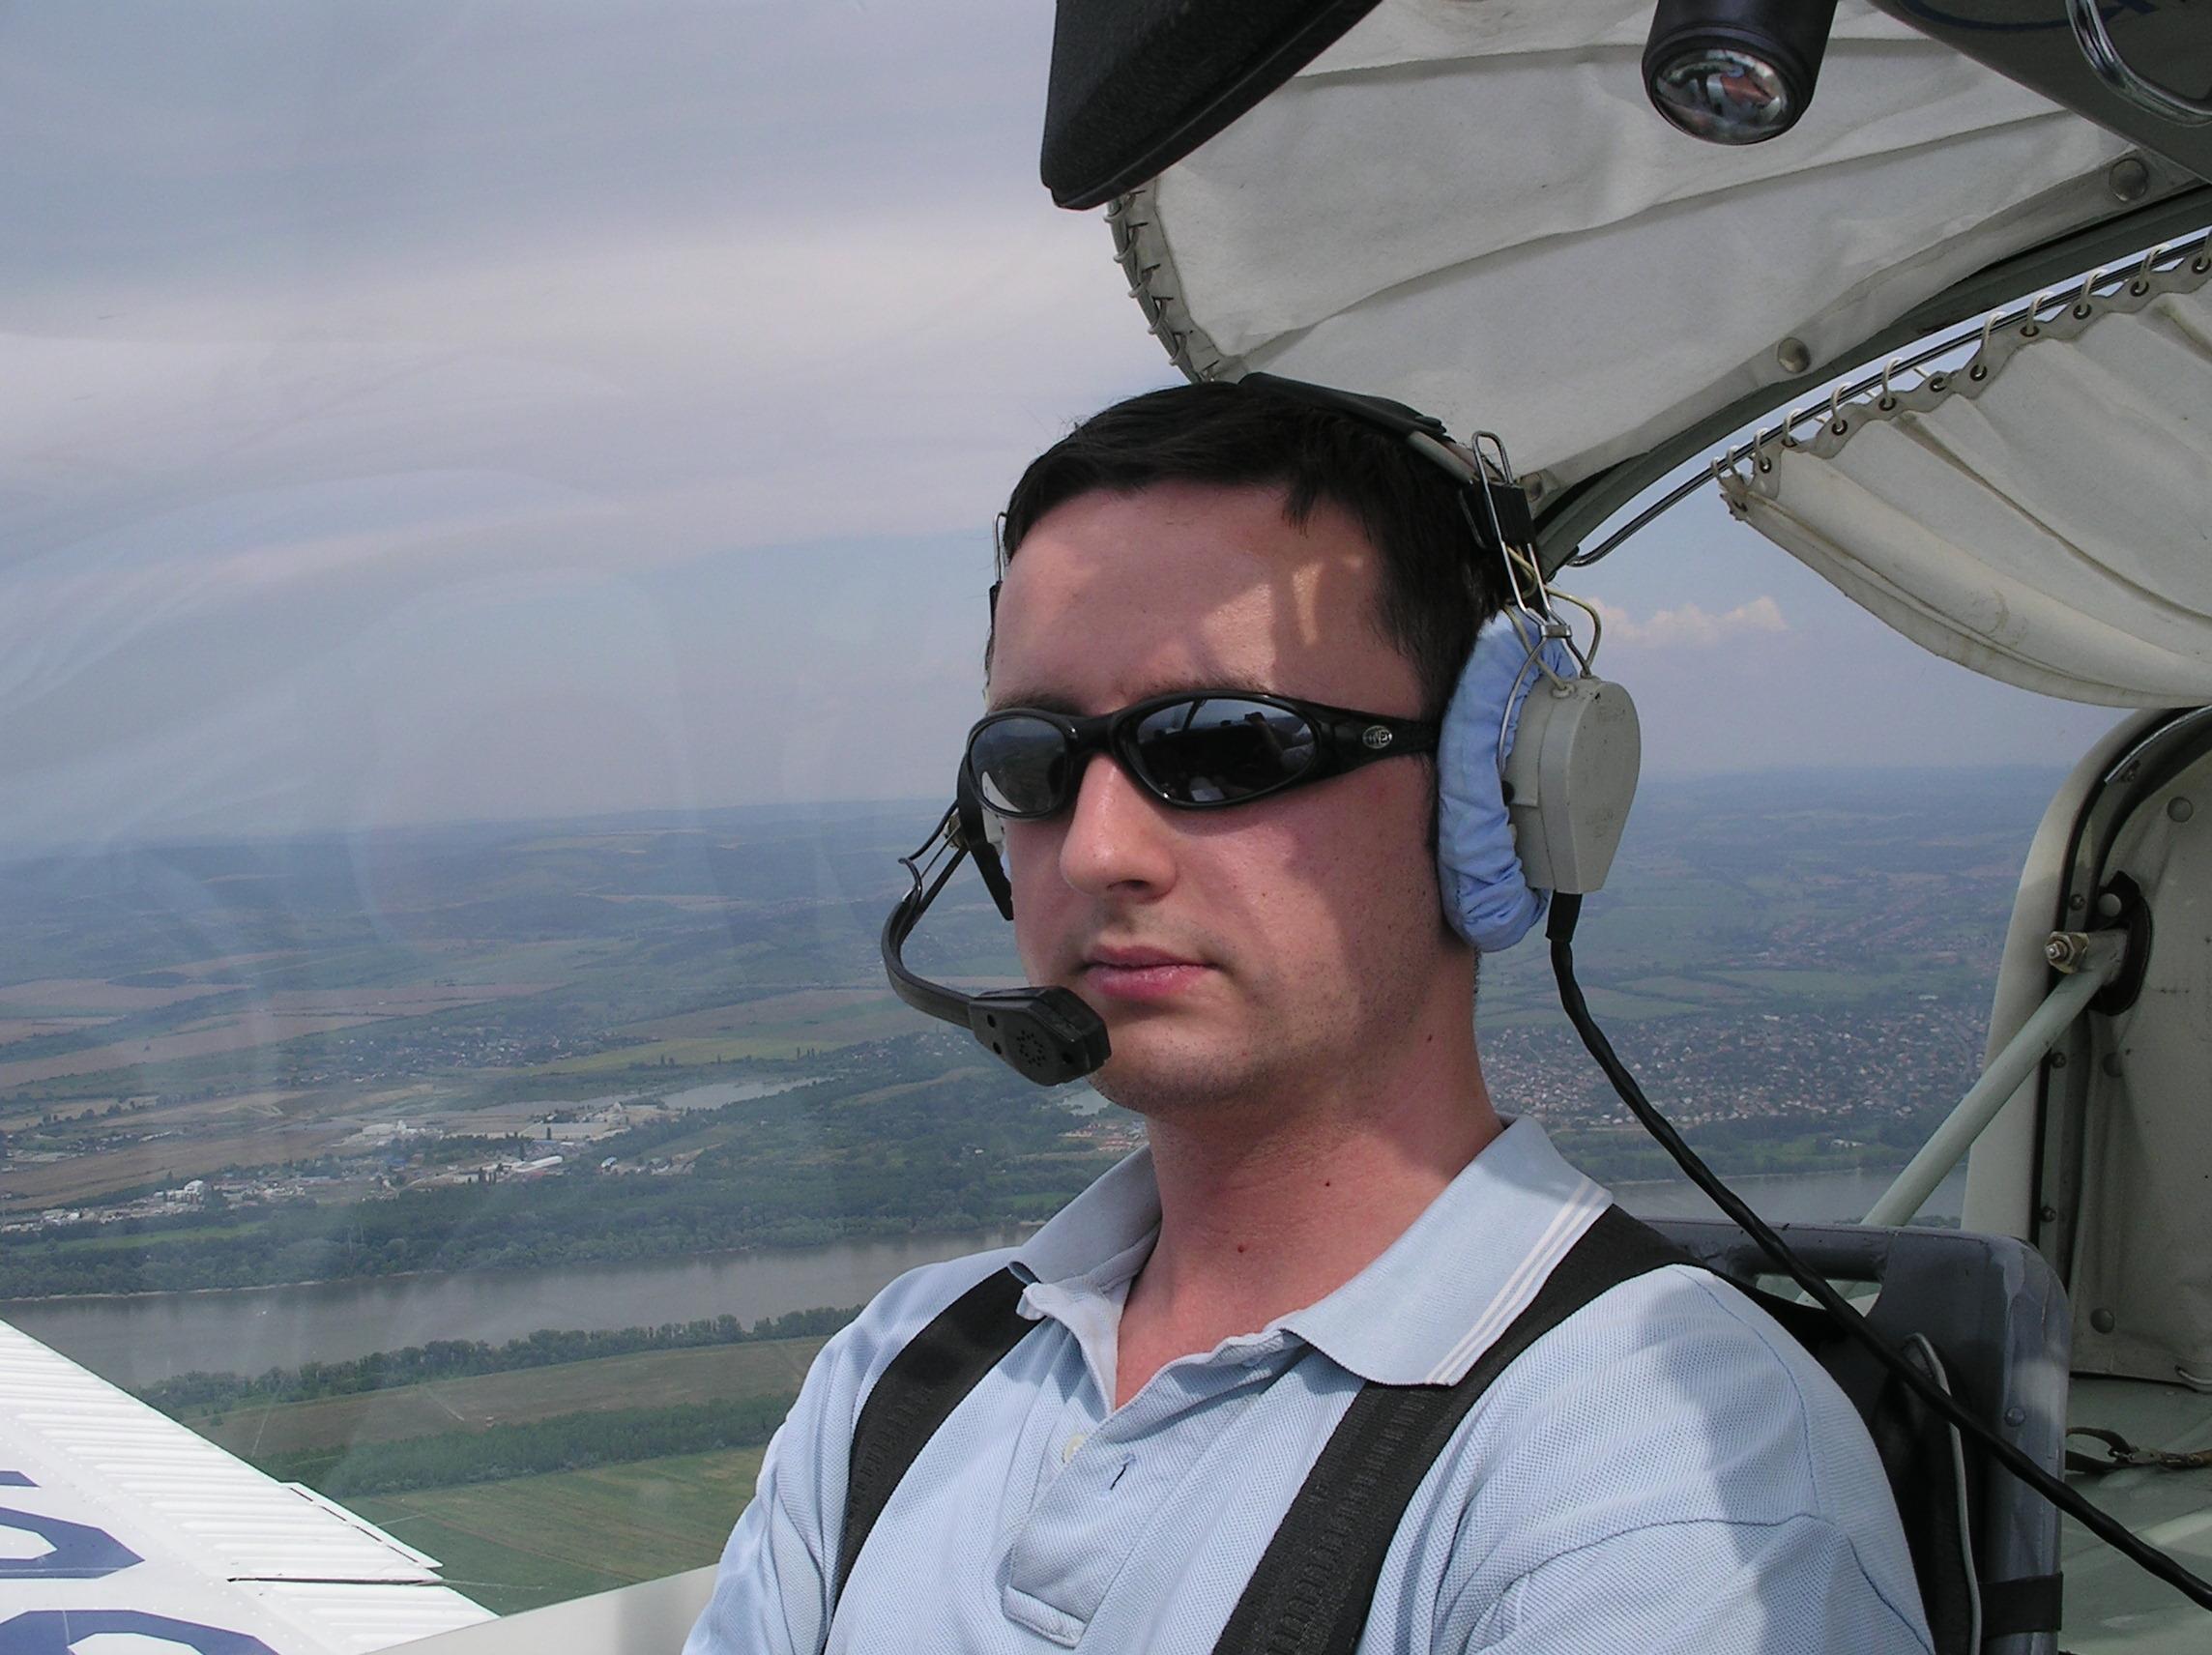 Co-pilot, airborne